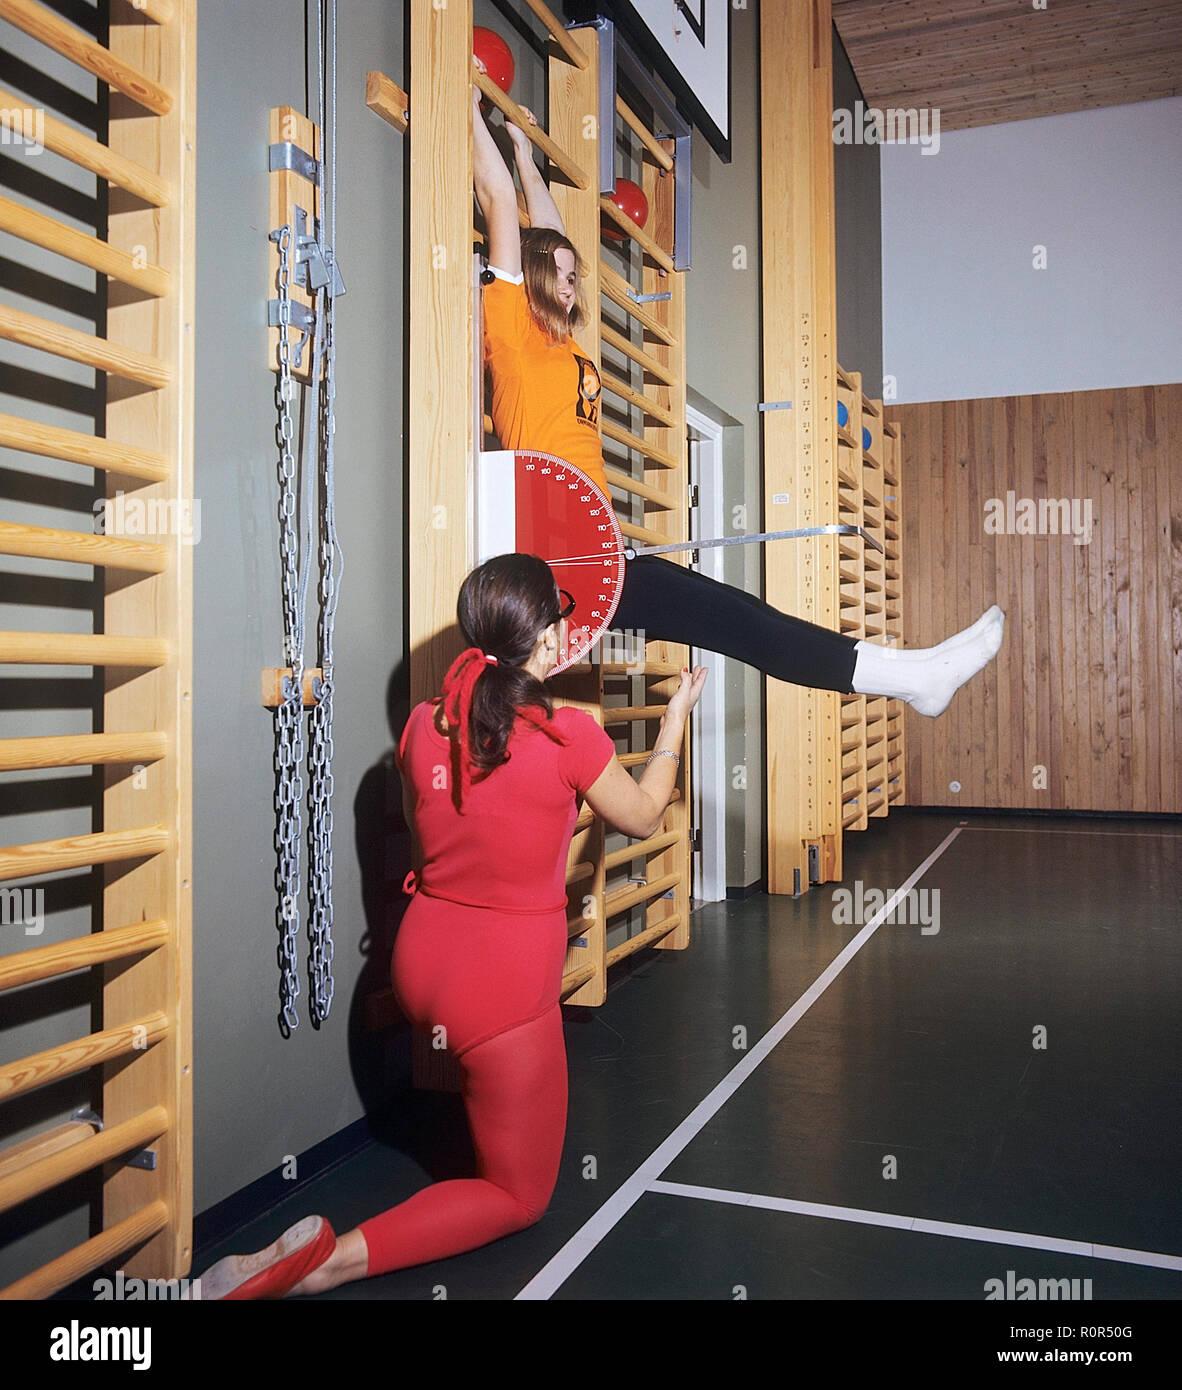 Schule Gymnastik in den 1970er Jahren. Ein Lehrer hilft, ein junges Mädchen während der Gymnastik Klasse. Sie misst den Winkel der Beine mit einer Skala. Schweden 1970 s Stockbild